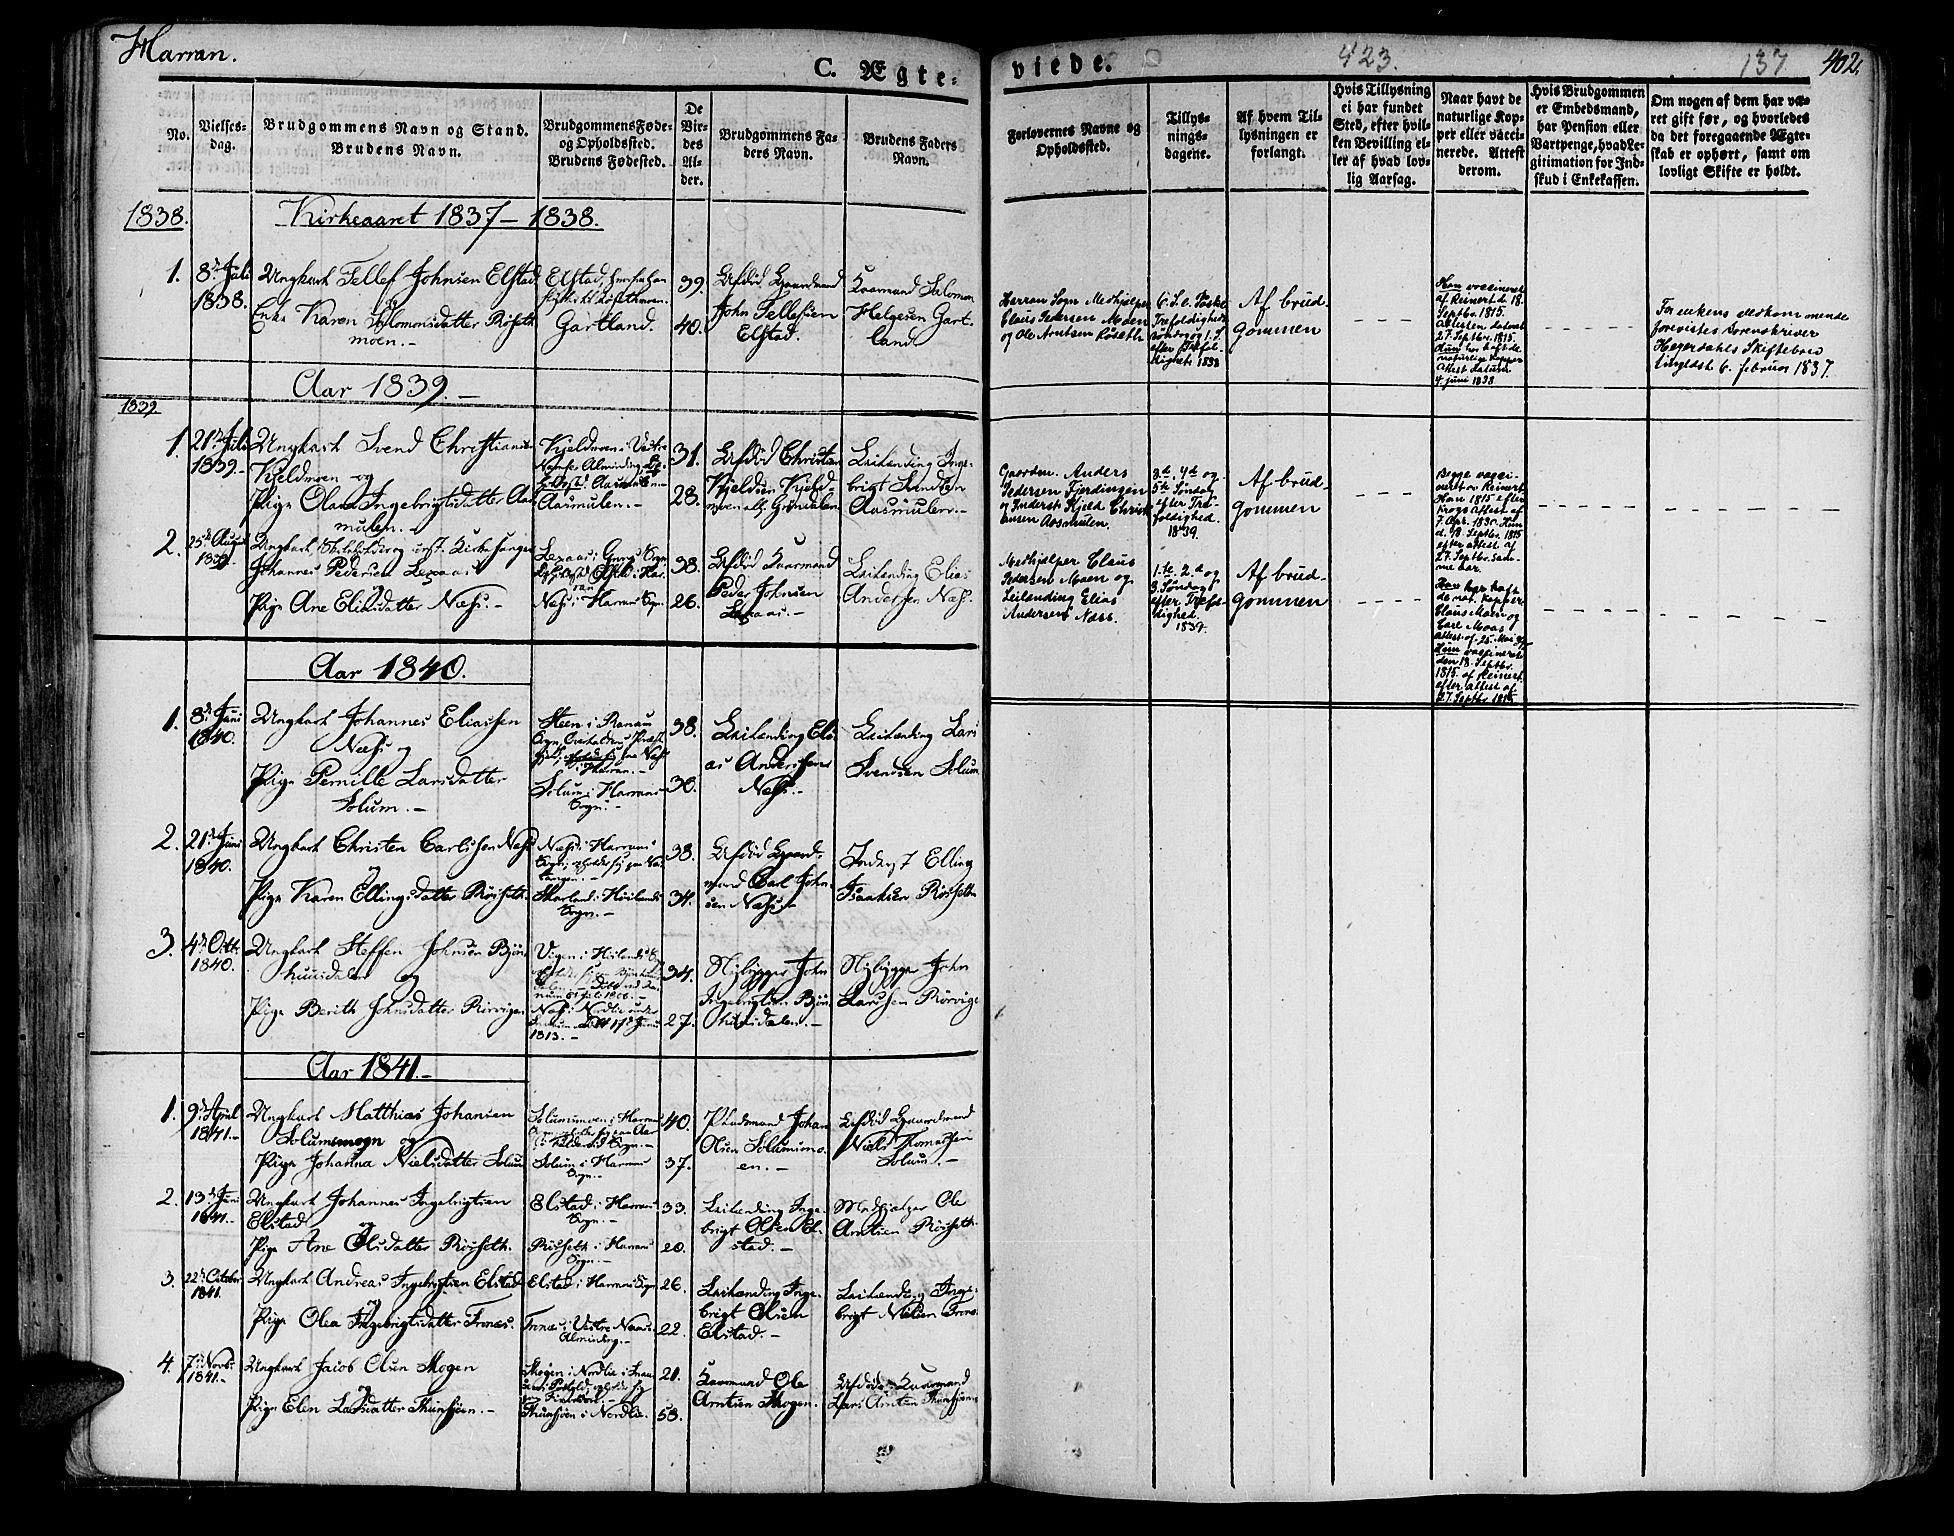 SAT, Ministerialprotokoller, klokkerbøker og fødselsregistre - Nord-Trøndelag, 758/L0510: Ministerialbok nr. 758A01 /3, 1821-1841, s. 137